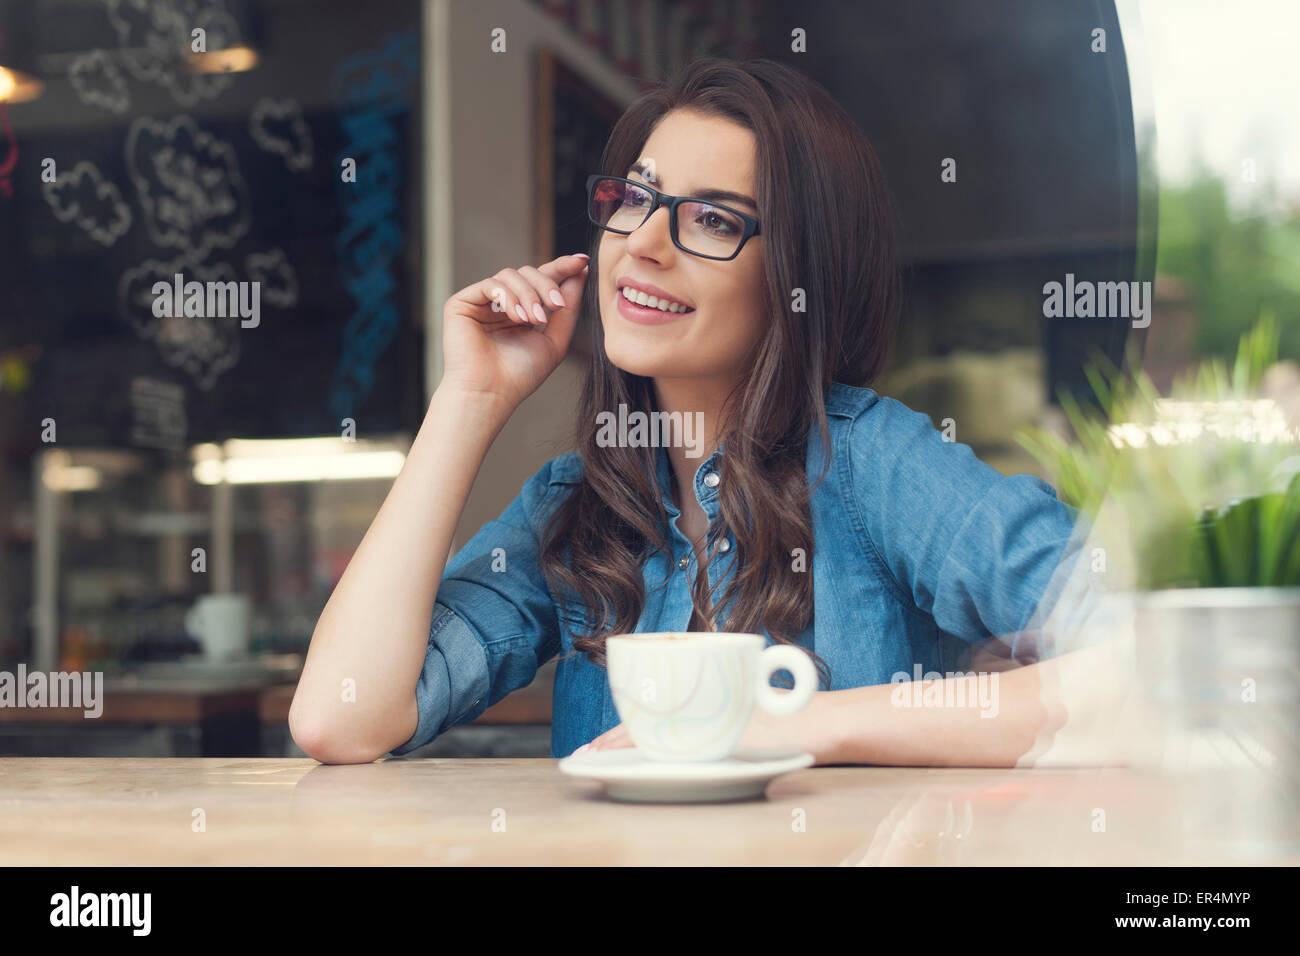 Belle femme portant des lunettes à la mode au café. Cracovie, Pologne Photo Stock